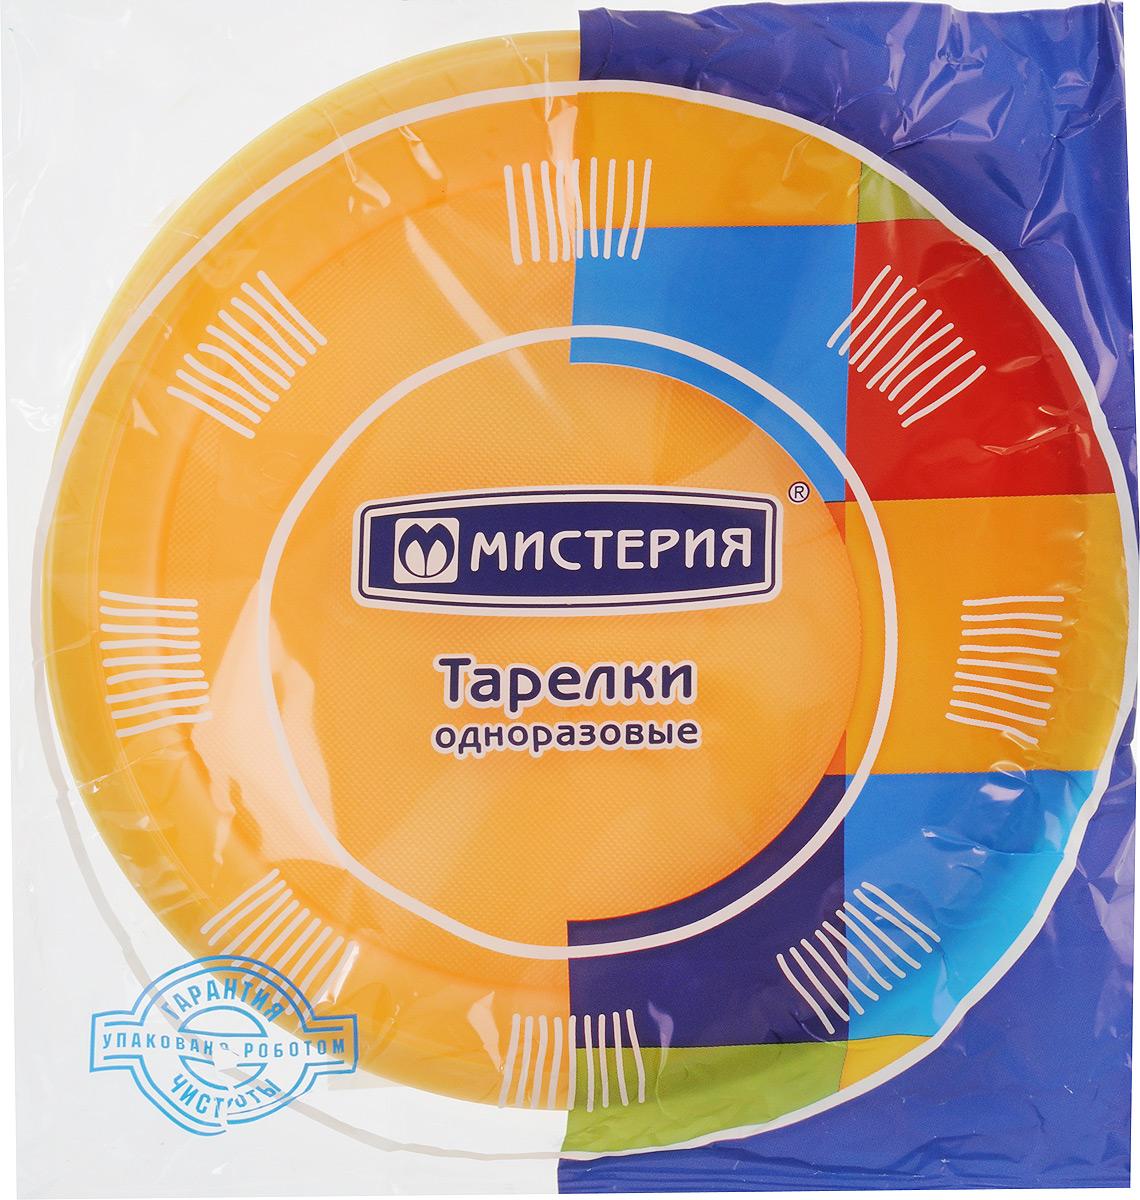 Набор одноразовых тарелок Мистерия, цвет: желтый, диаметр 21 см, 12 шт183210Набор Мистерия состоит из 12 круглых тарелок, выполненных из полистирола и предназначенных для одноразового использования. Подходят для холодных и горячих пищевых продуктов.Одноразовые тарелки будут незаменимы при поездках на природу, пикниках и других мероприятиях. Они не займут много места, легки и самое главное - после использования их не надо мыть.Диаметр тарелки: 21 см.Высота тарелки: 1,5 см.